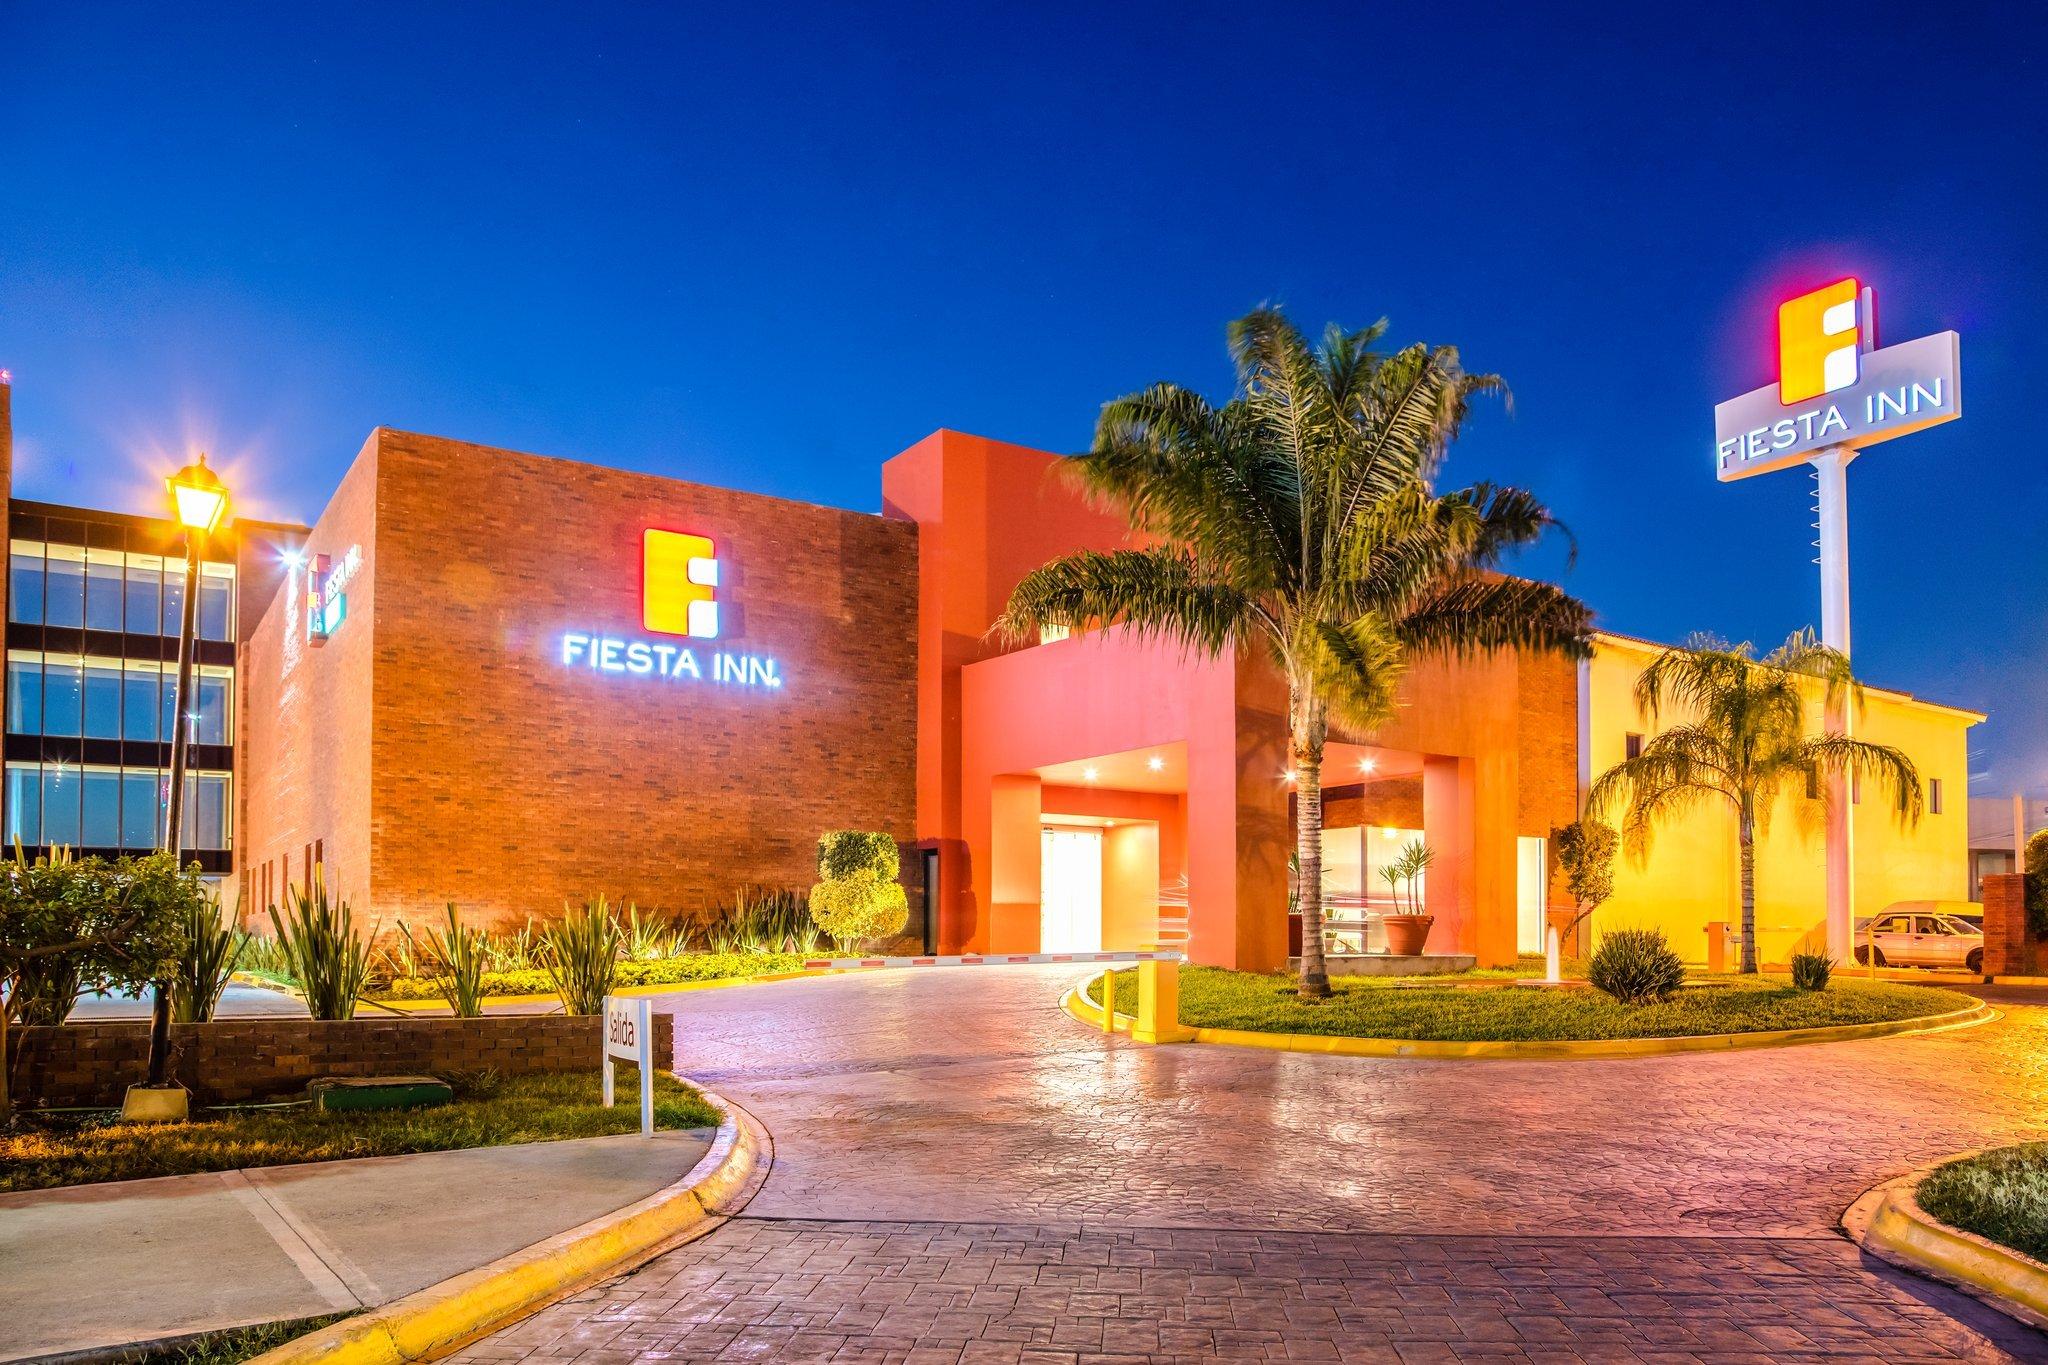 Fiesta Inn Monterrey La Fe - Aeropuerto